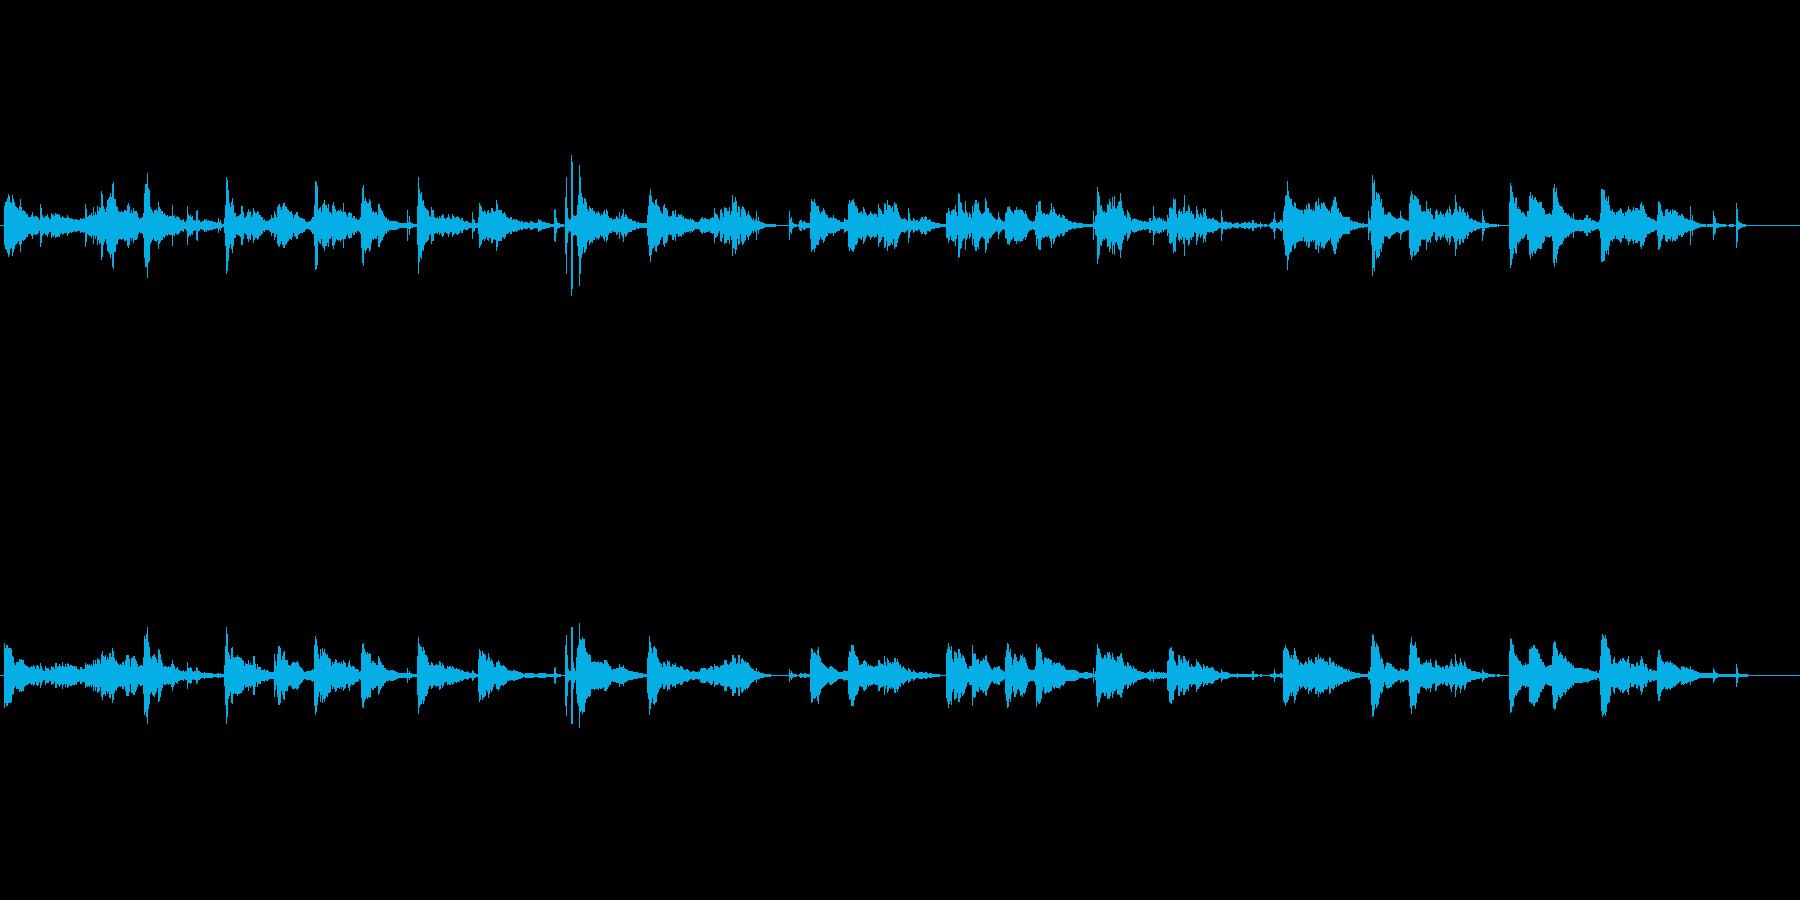 透明感のあるヒーリング・アンビエントの再生済みの波形